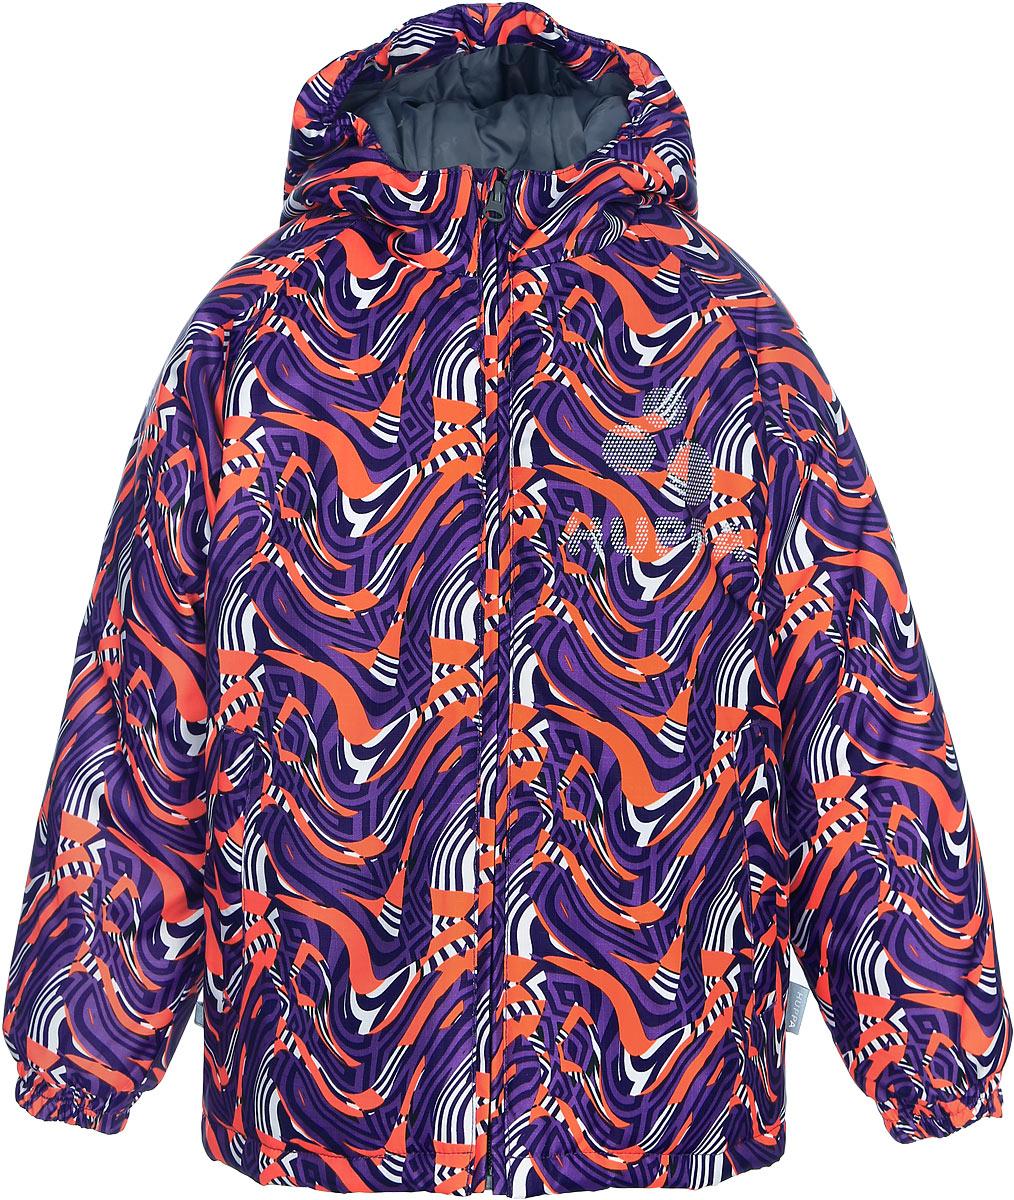 Куртка детская Huppa Classy, цвет: пурпурный. 17710030-483. Размер 11617710030-483Детская куртка Huppa изготовлена из водонепроницаемого полиэстера. Куртка с капюшоном застегивается на пластиковую застежку-молнию с защитой подбородка. Края капюшона и рукавов собраны на внутренние резинки. У модели имеются два врезных кармана. Изделие дополнено светоотражающими элементами.